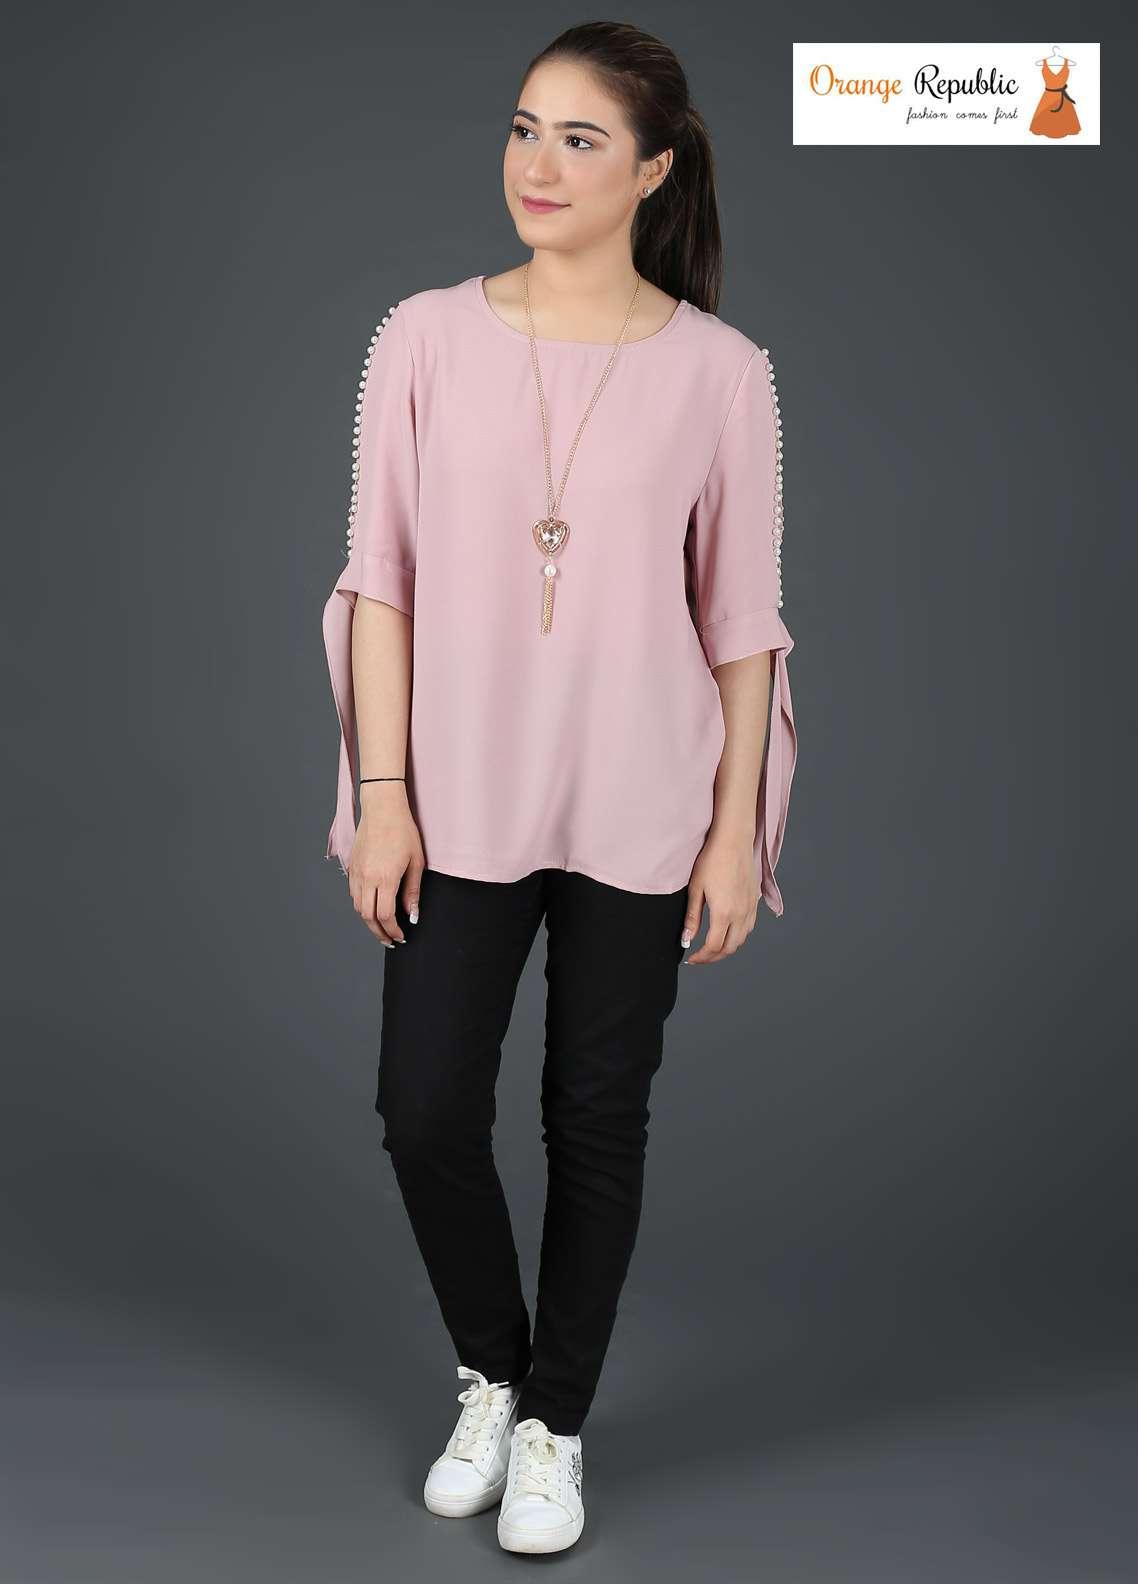 Orange Republic Fancy Style Bubble Chiffon Stitched Tops USA-03 Pink